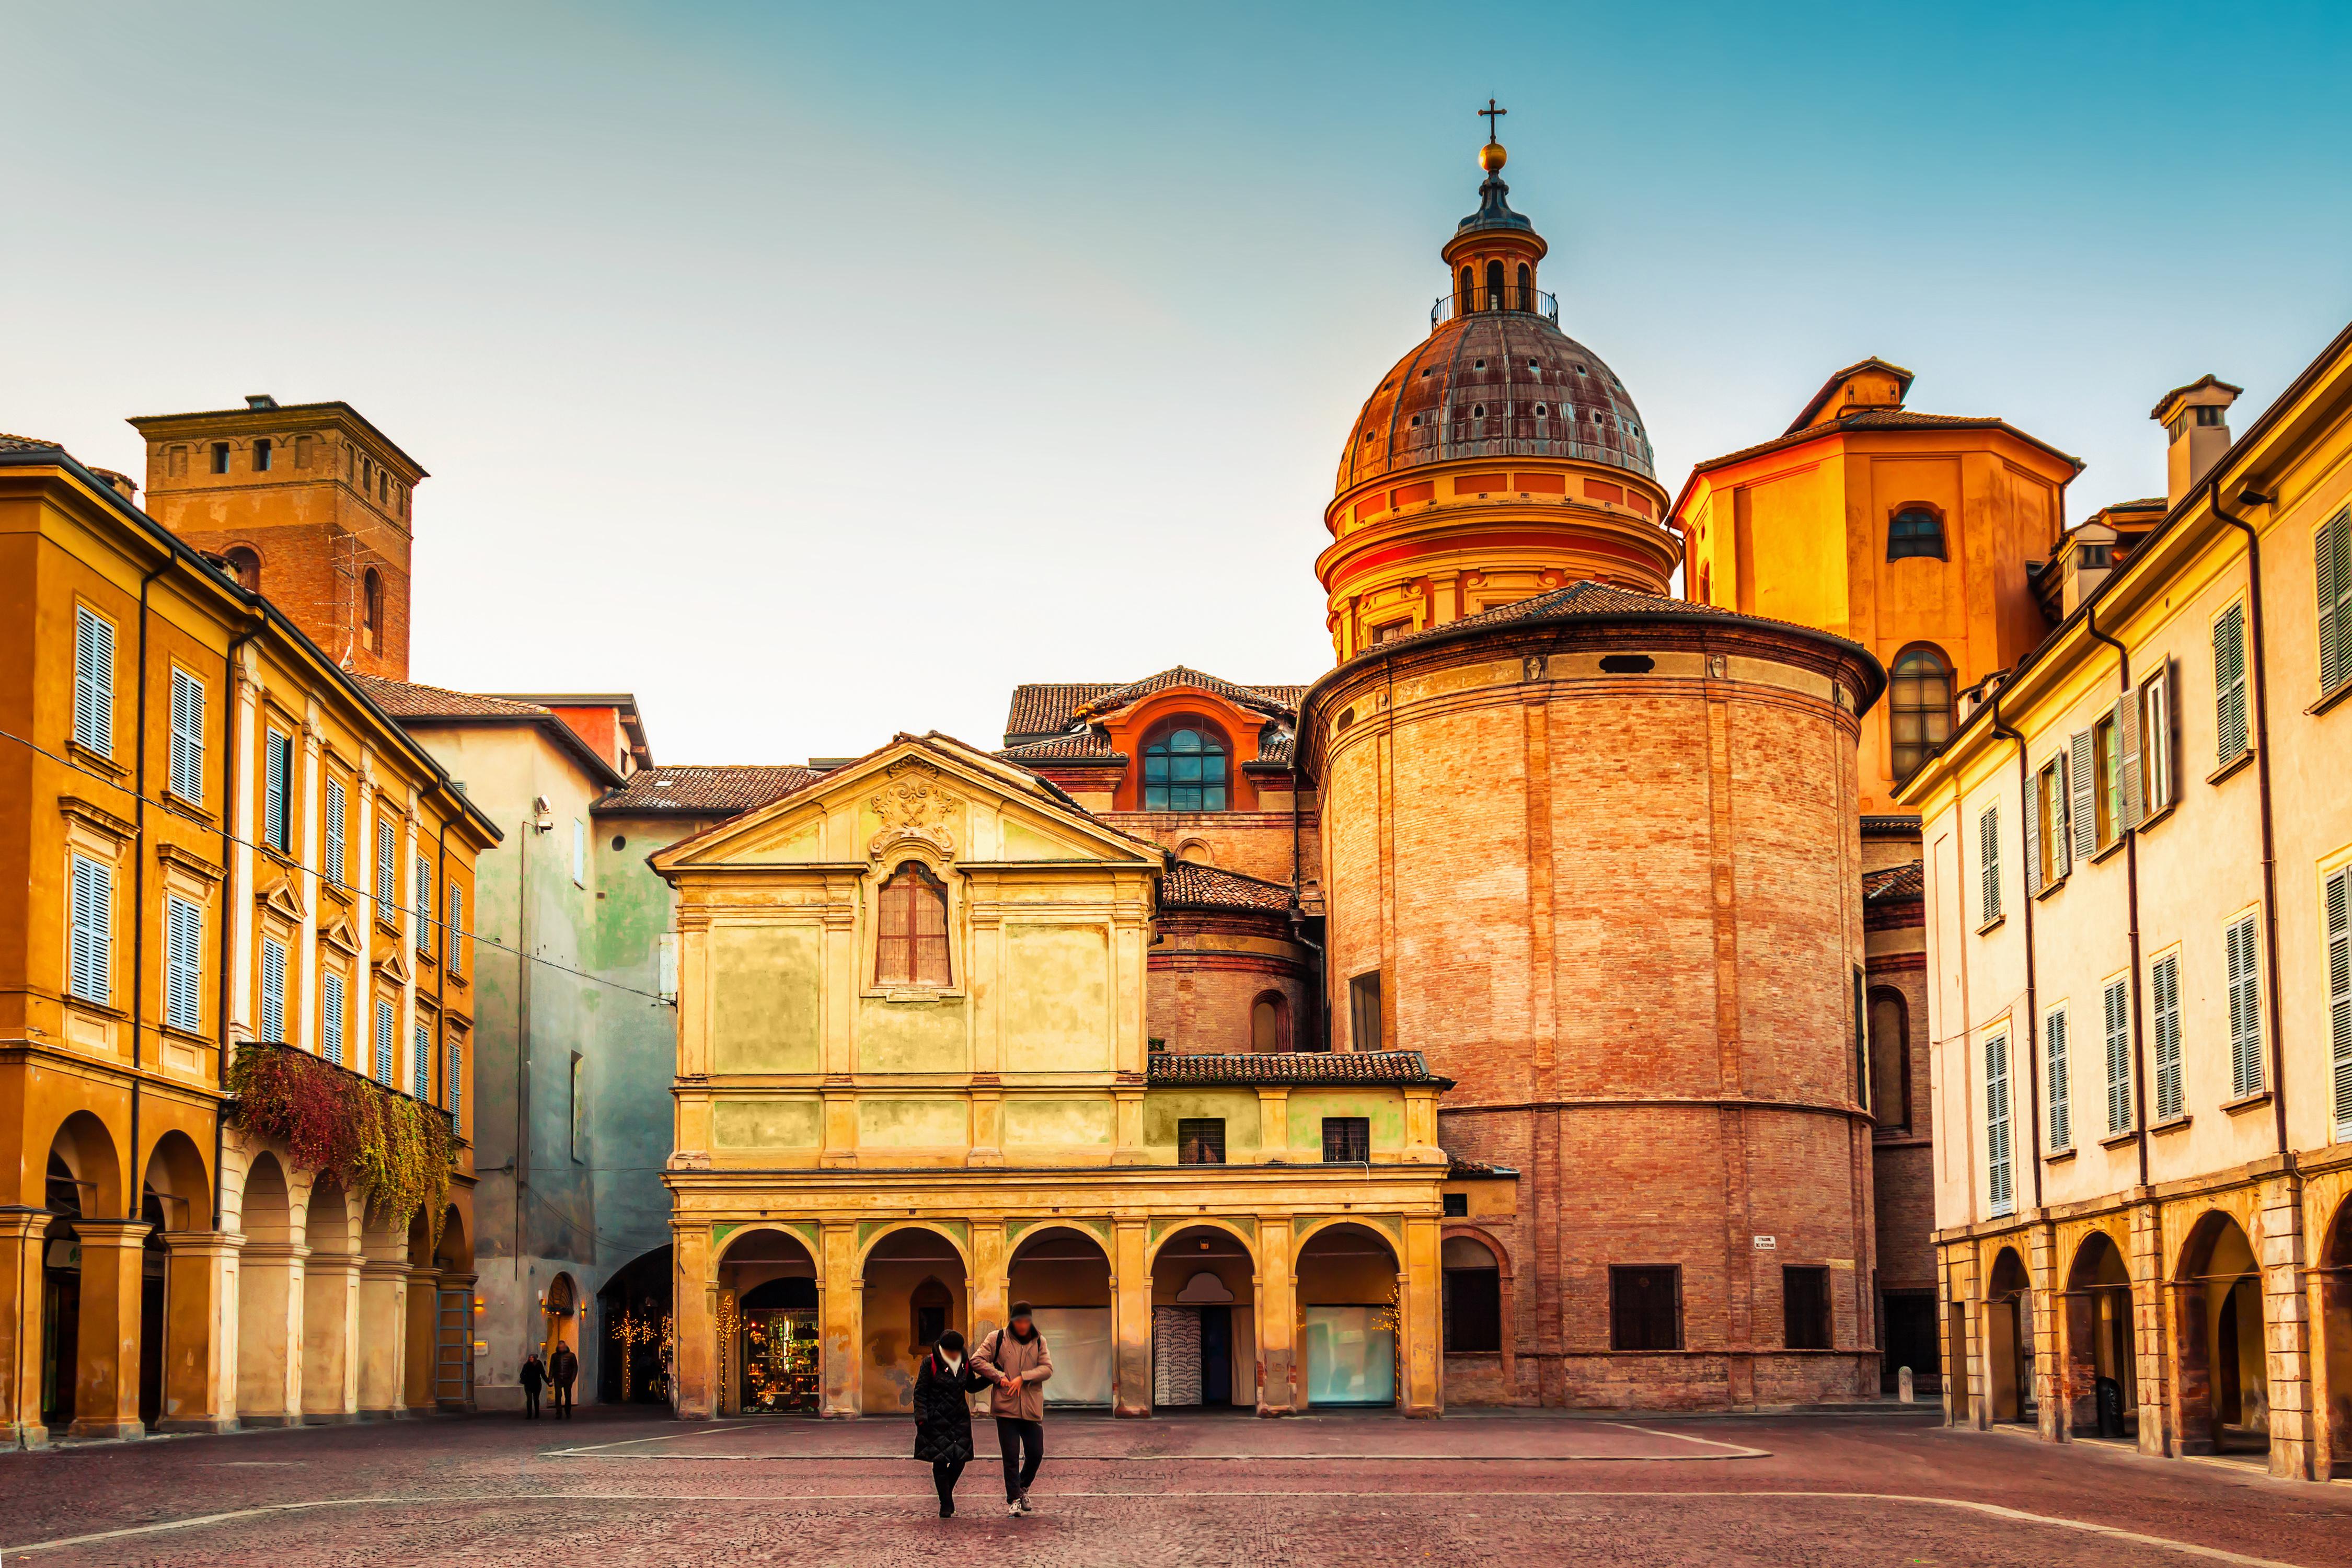 Beautiful architecture at Piazza San Prospero in Reggio Emilia at sunset, Emilia-Romagna region, Italy.